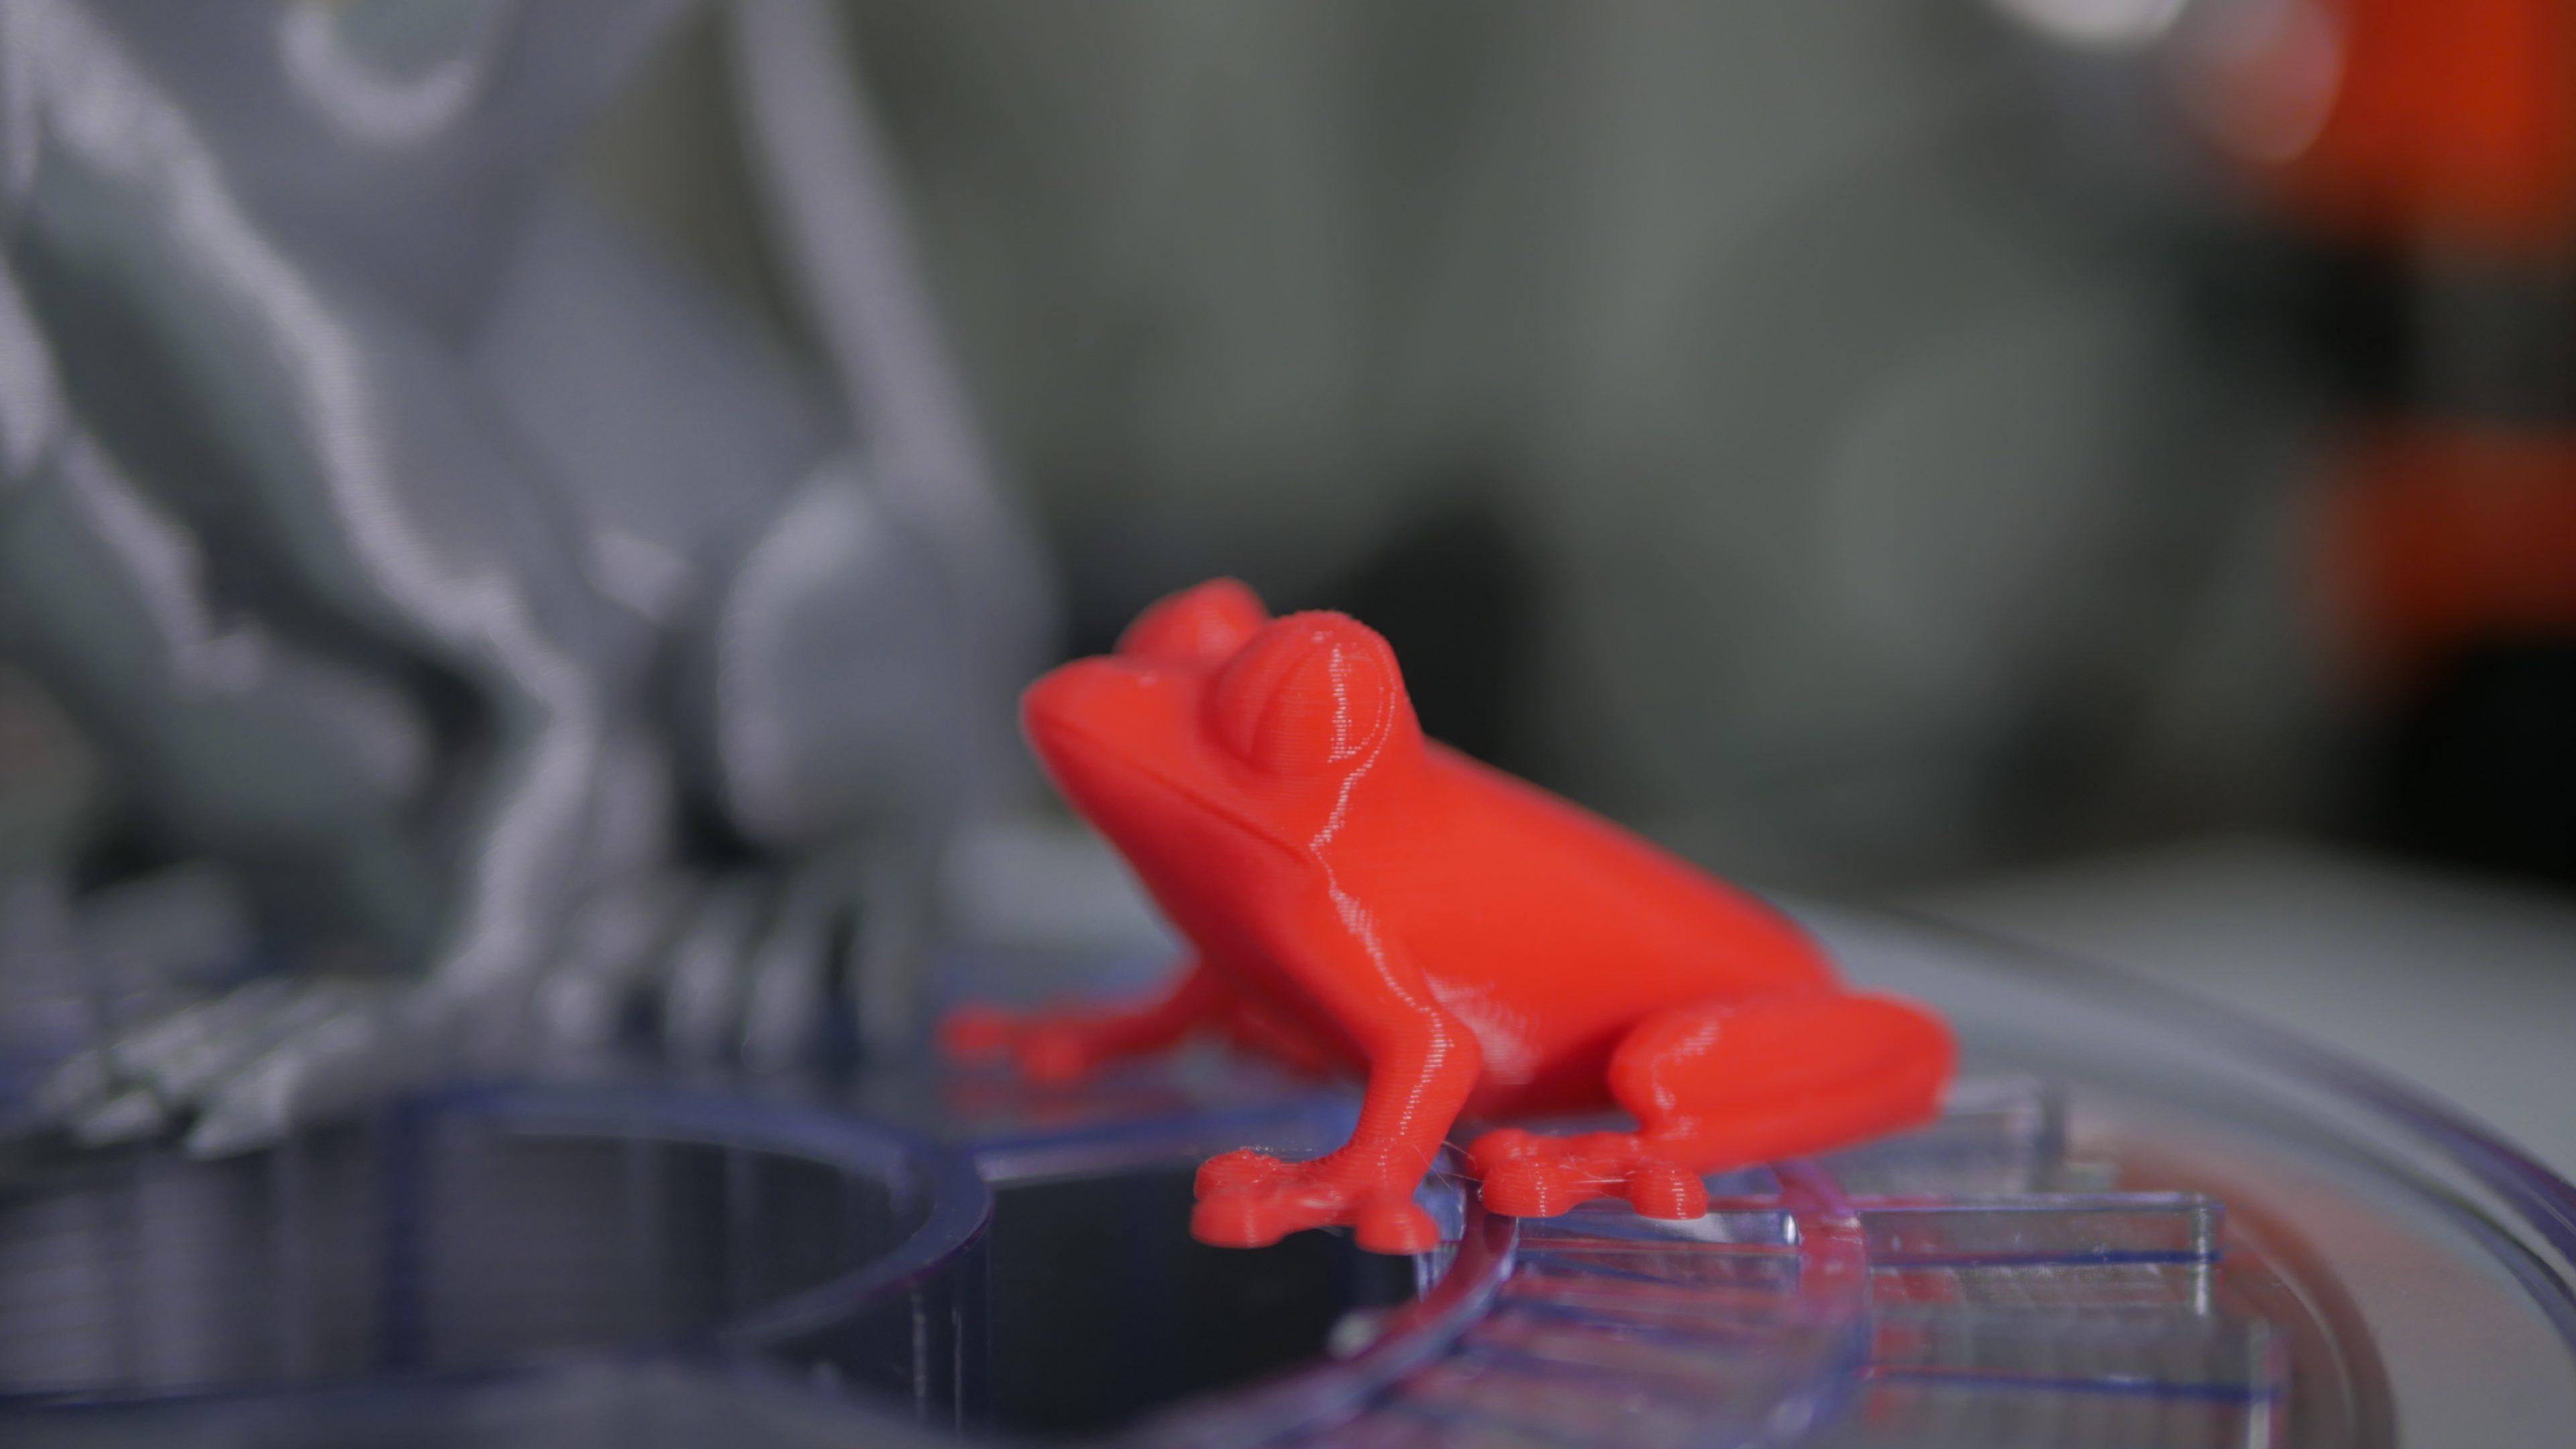 3D printed treefrog